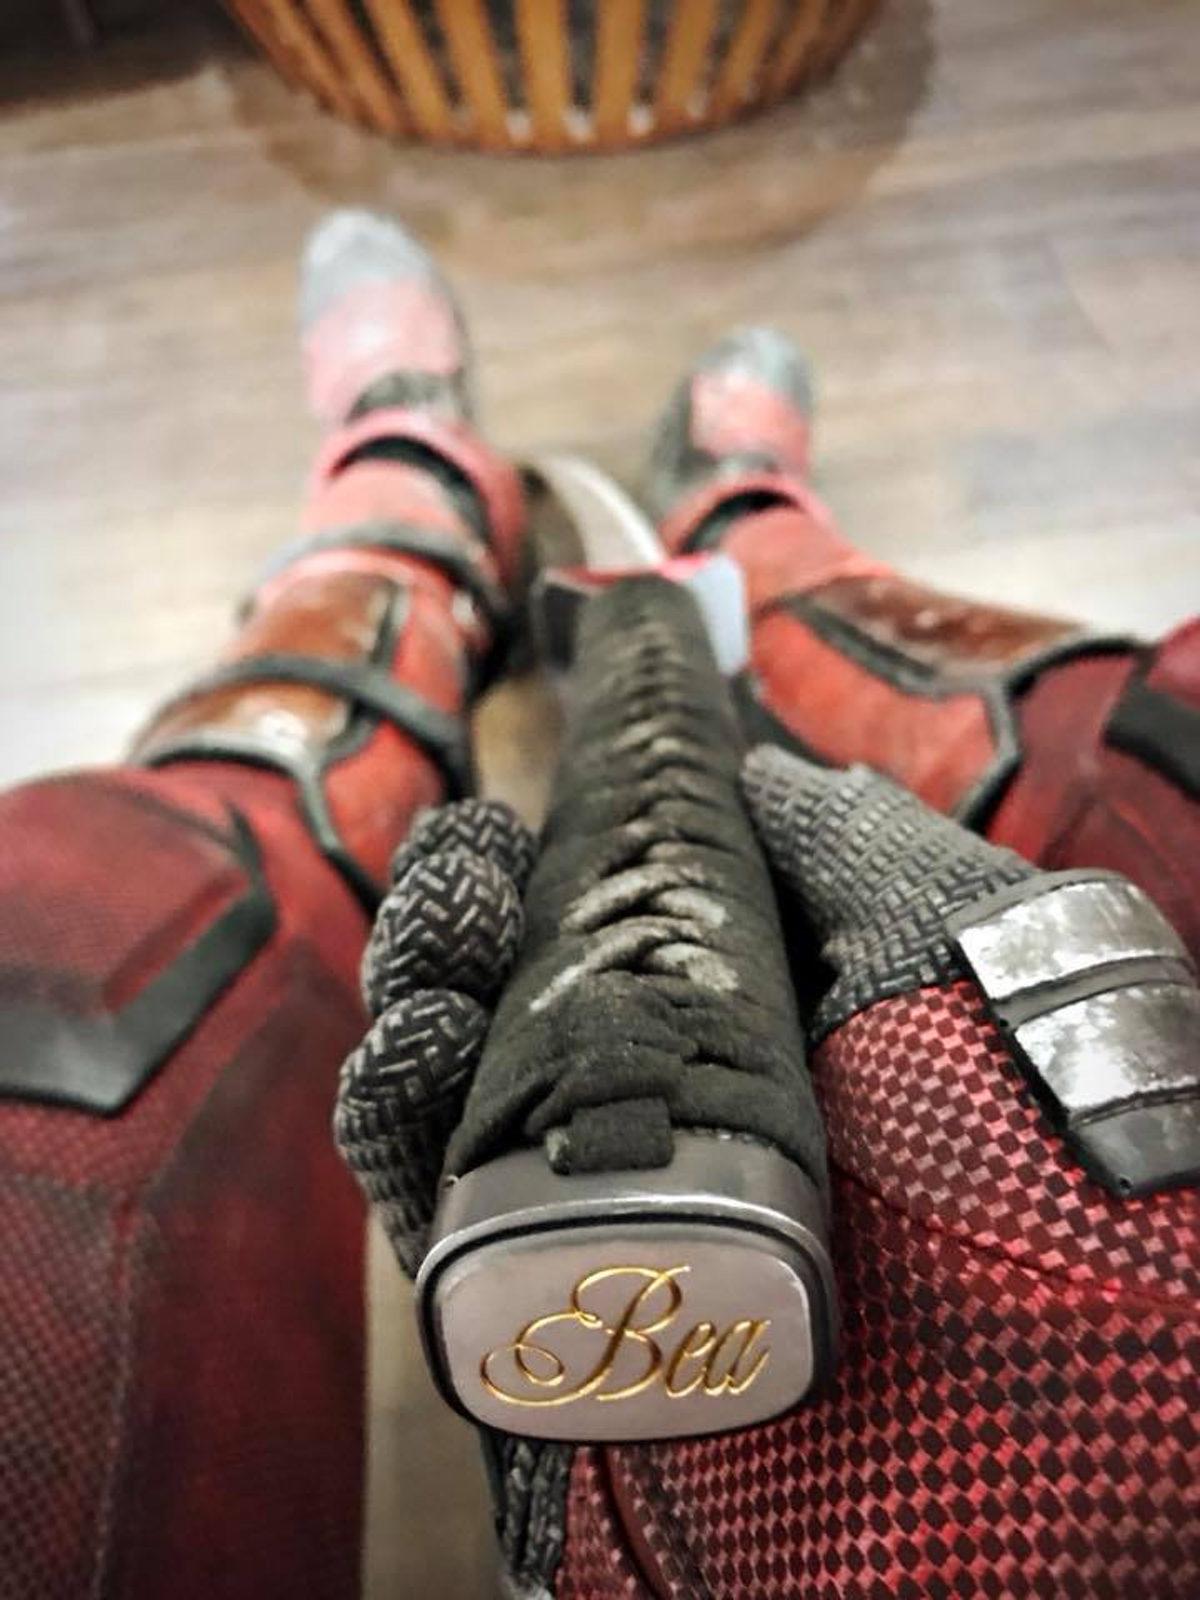 La katana de Deadpool con el nombre de 'Bea' inscrito